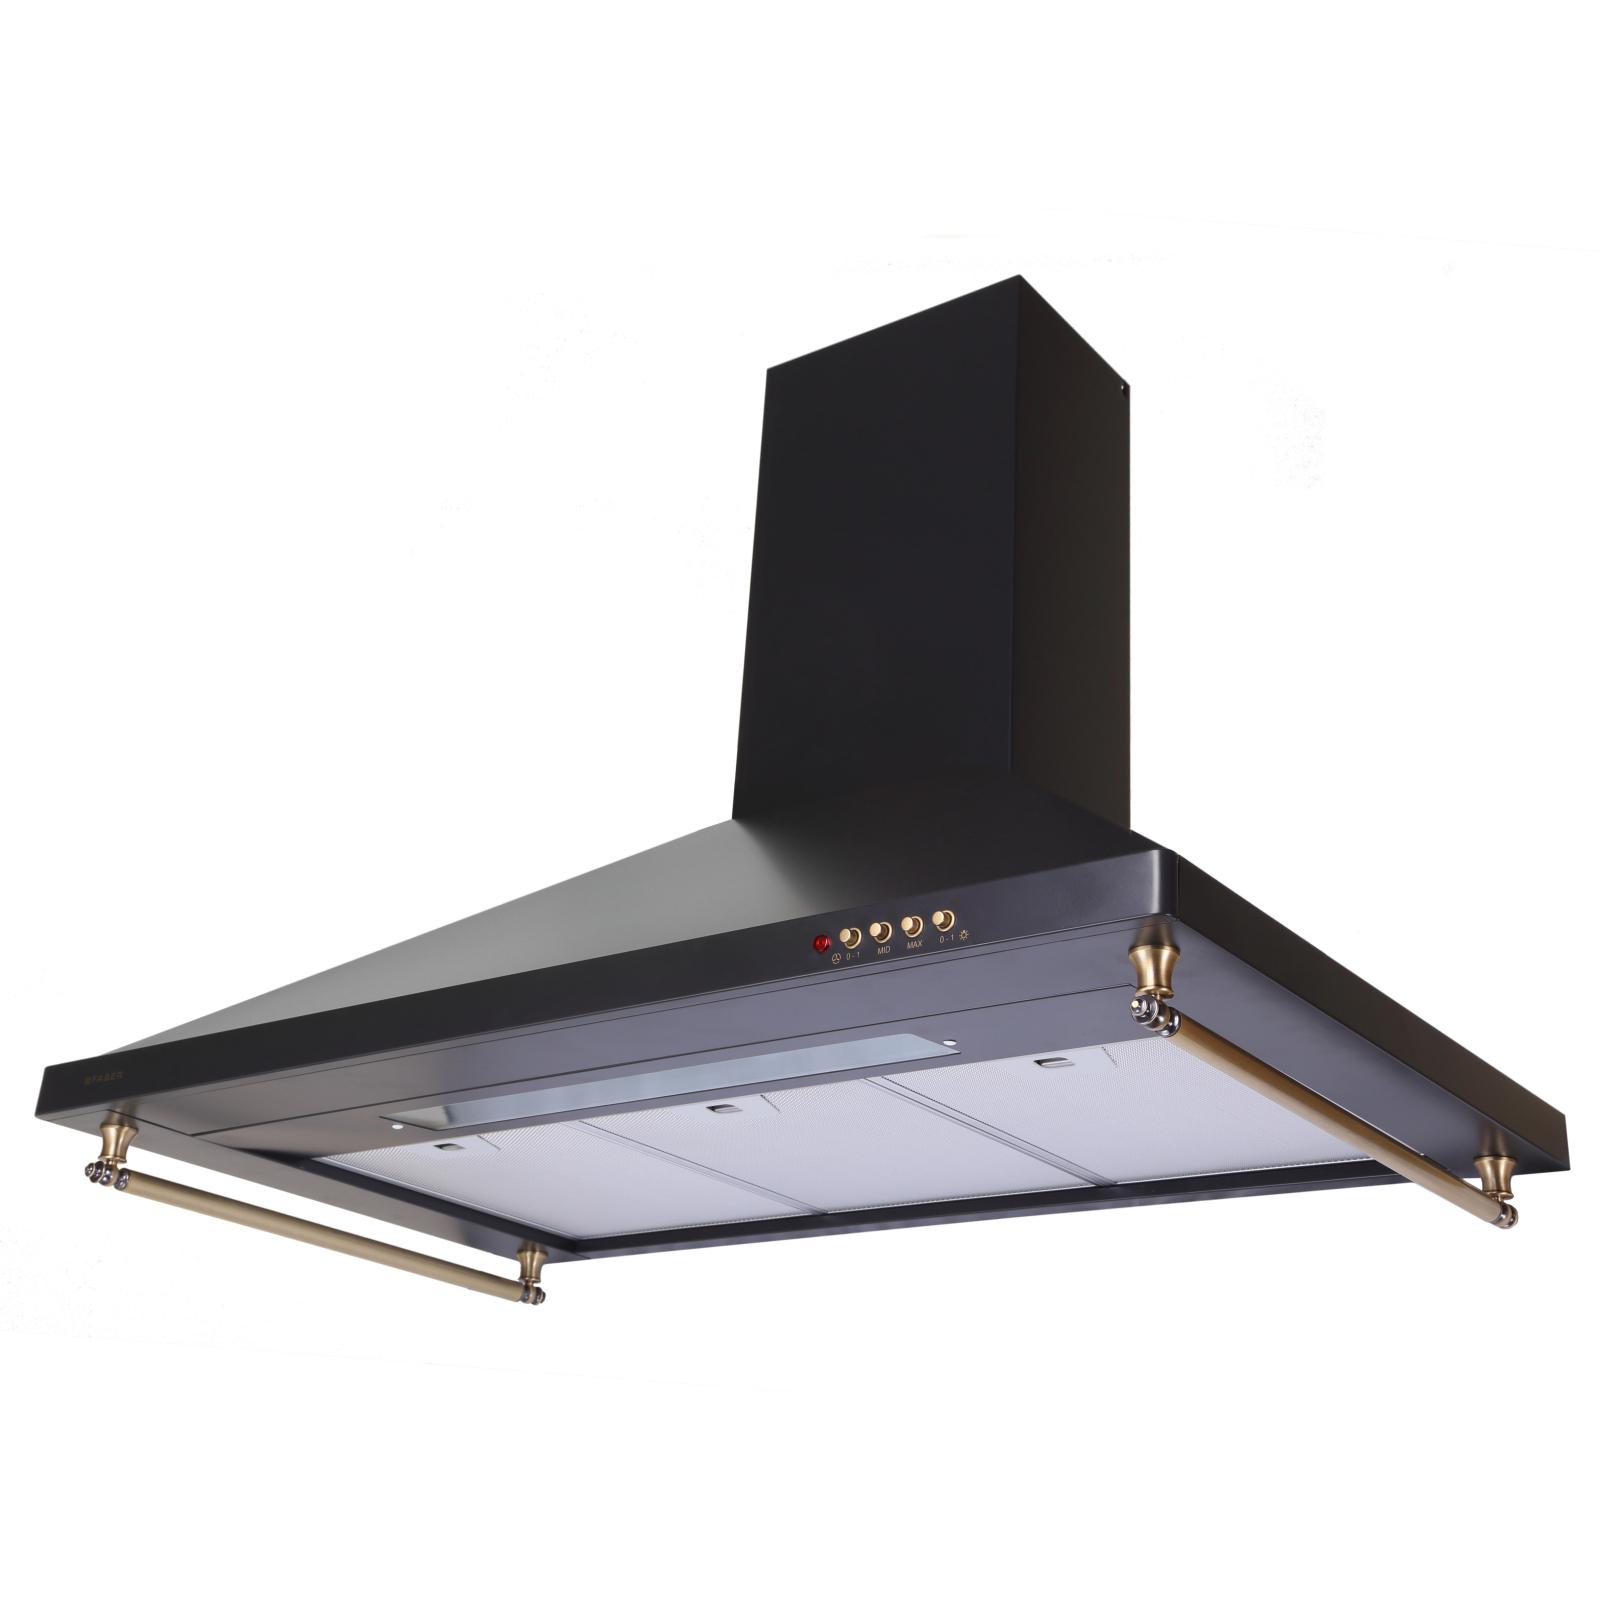 Вытяжка кухонная Faber STRIP EG8 PB BK/BRA A90